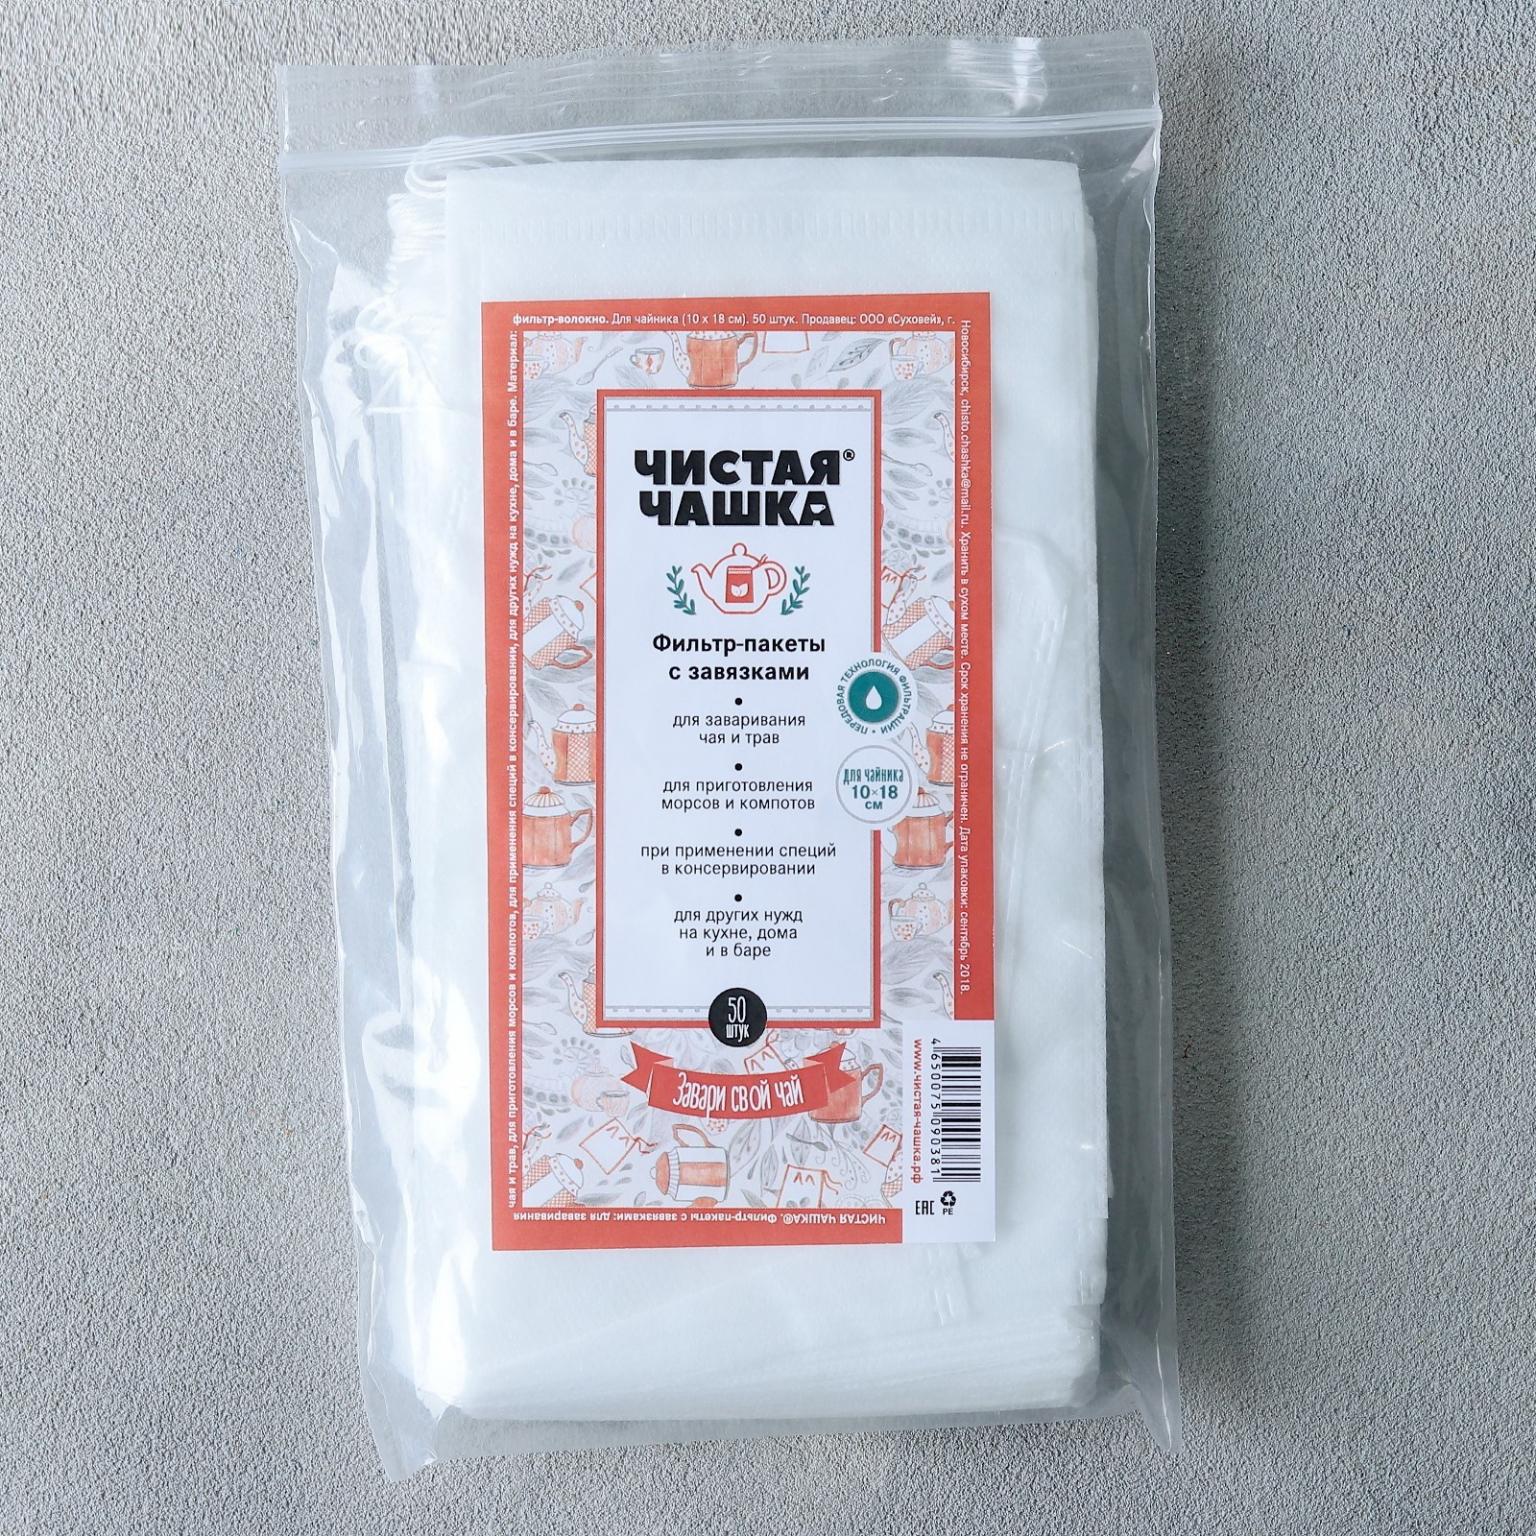 Фильтр-пакеты для заваривания чая и трав, с завязками, 50 шт., 10*17 см